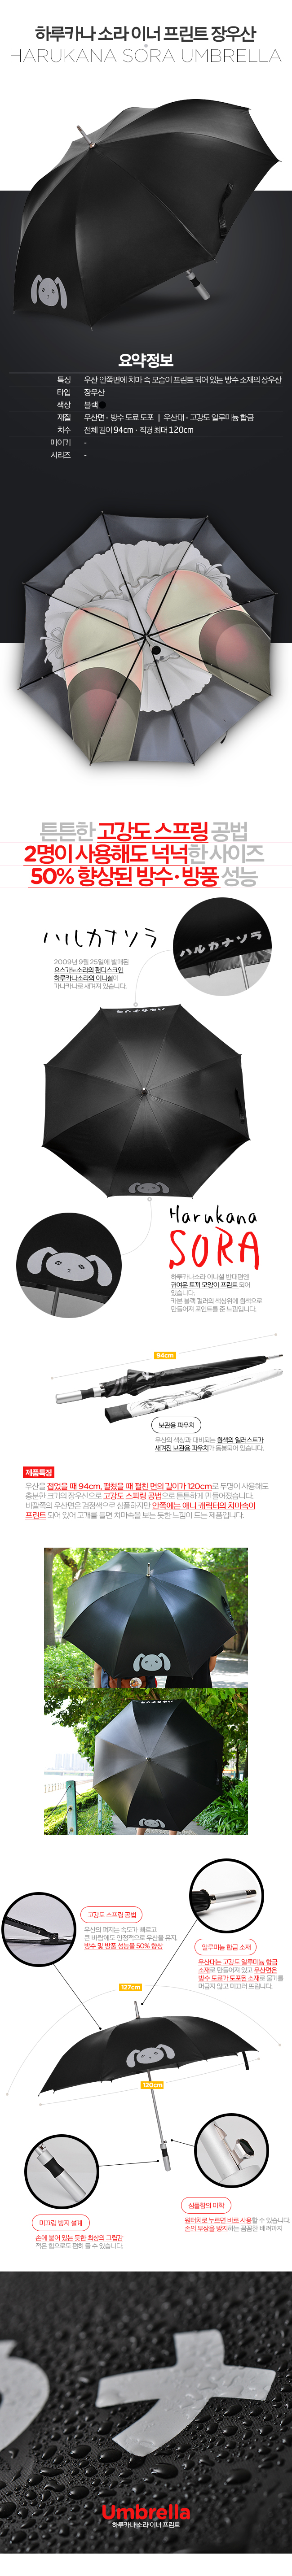 [프린트 우산] 하루카나 소라 이너 프린트 장우산(ハルカナソラ アンブレラ)